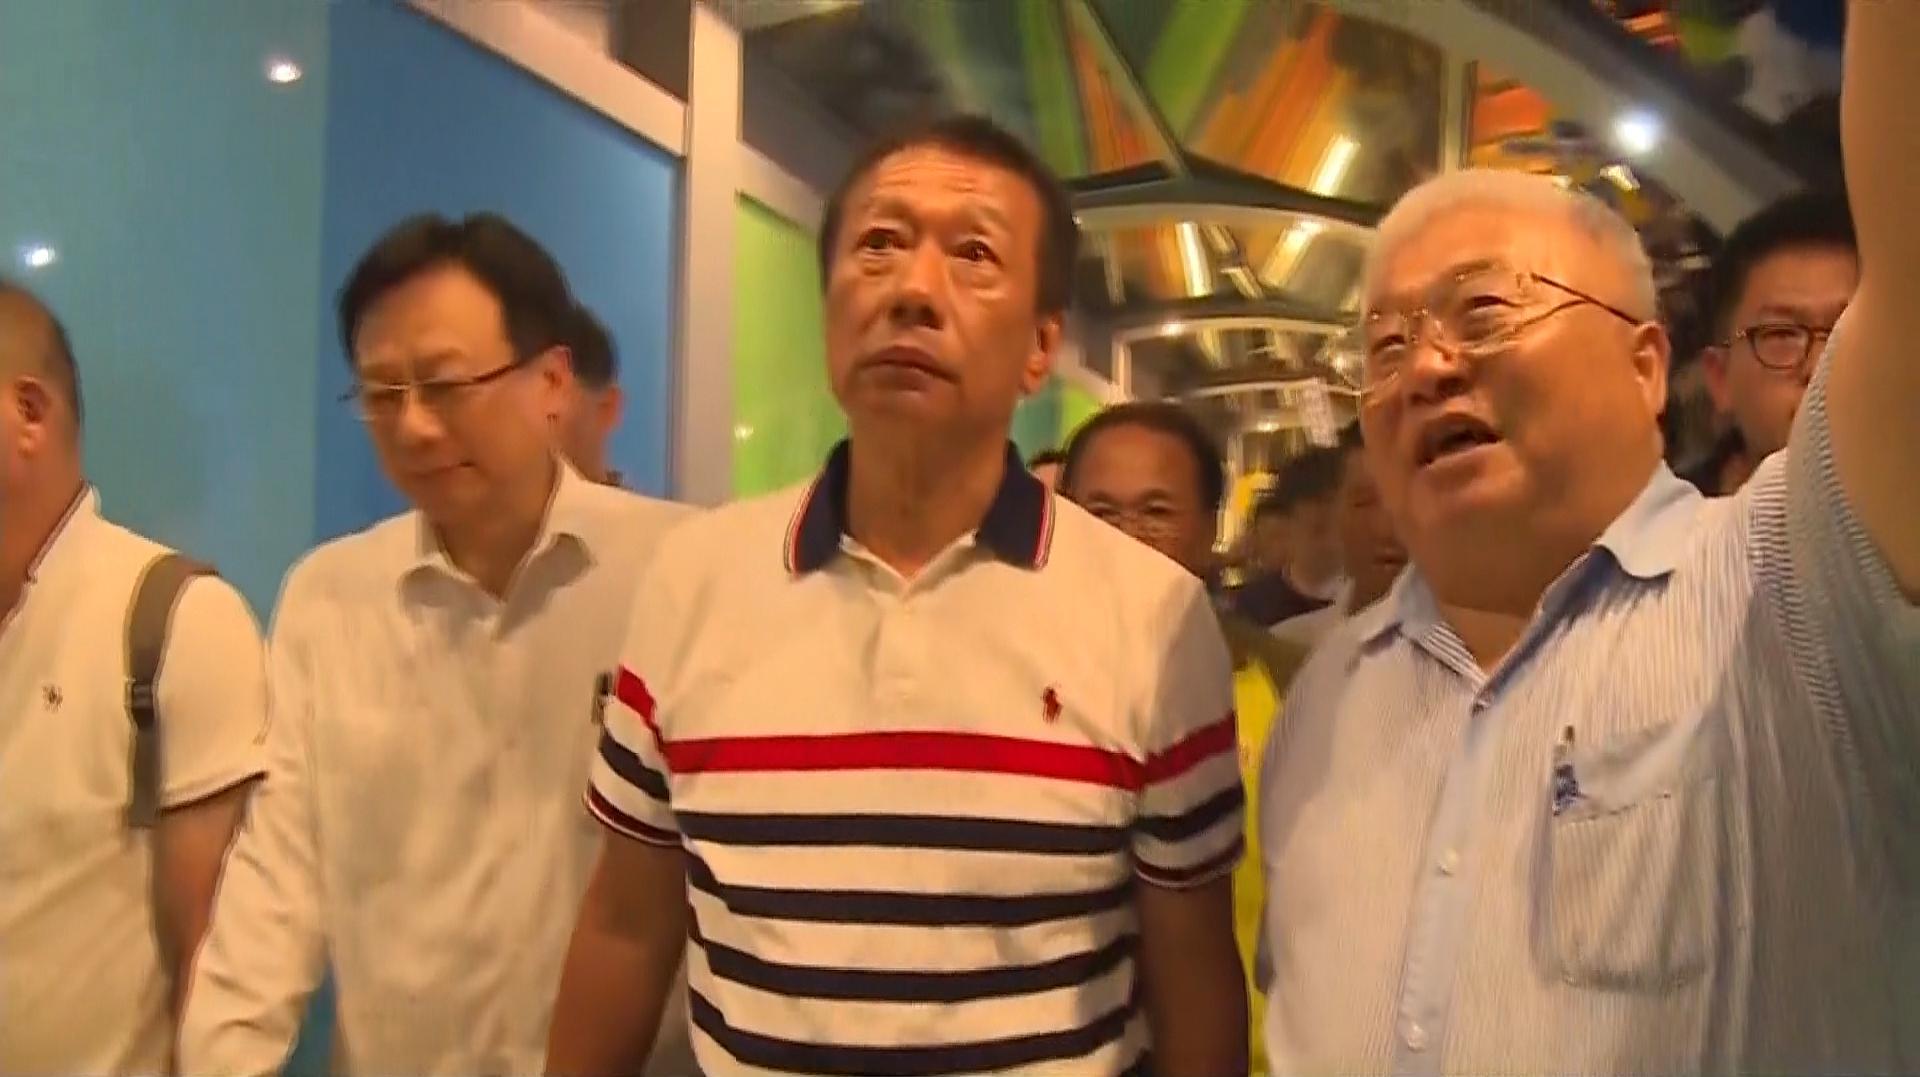 刘和平:郭台铭与韩国瑜心结未解 谈合作尚早